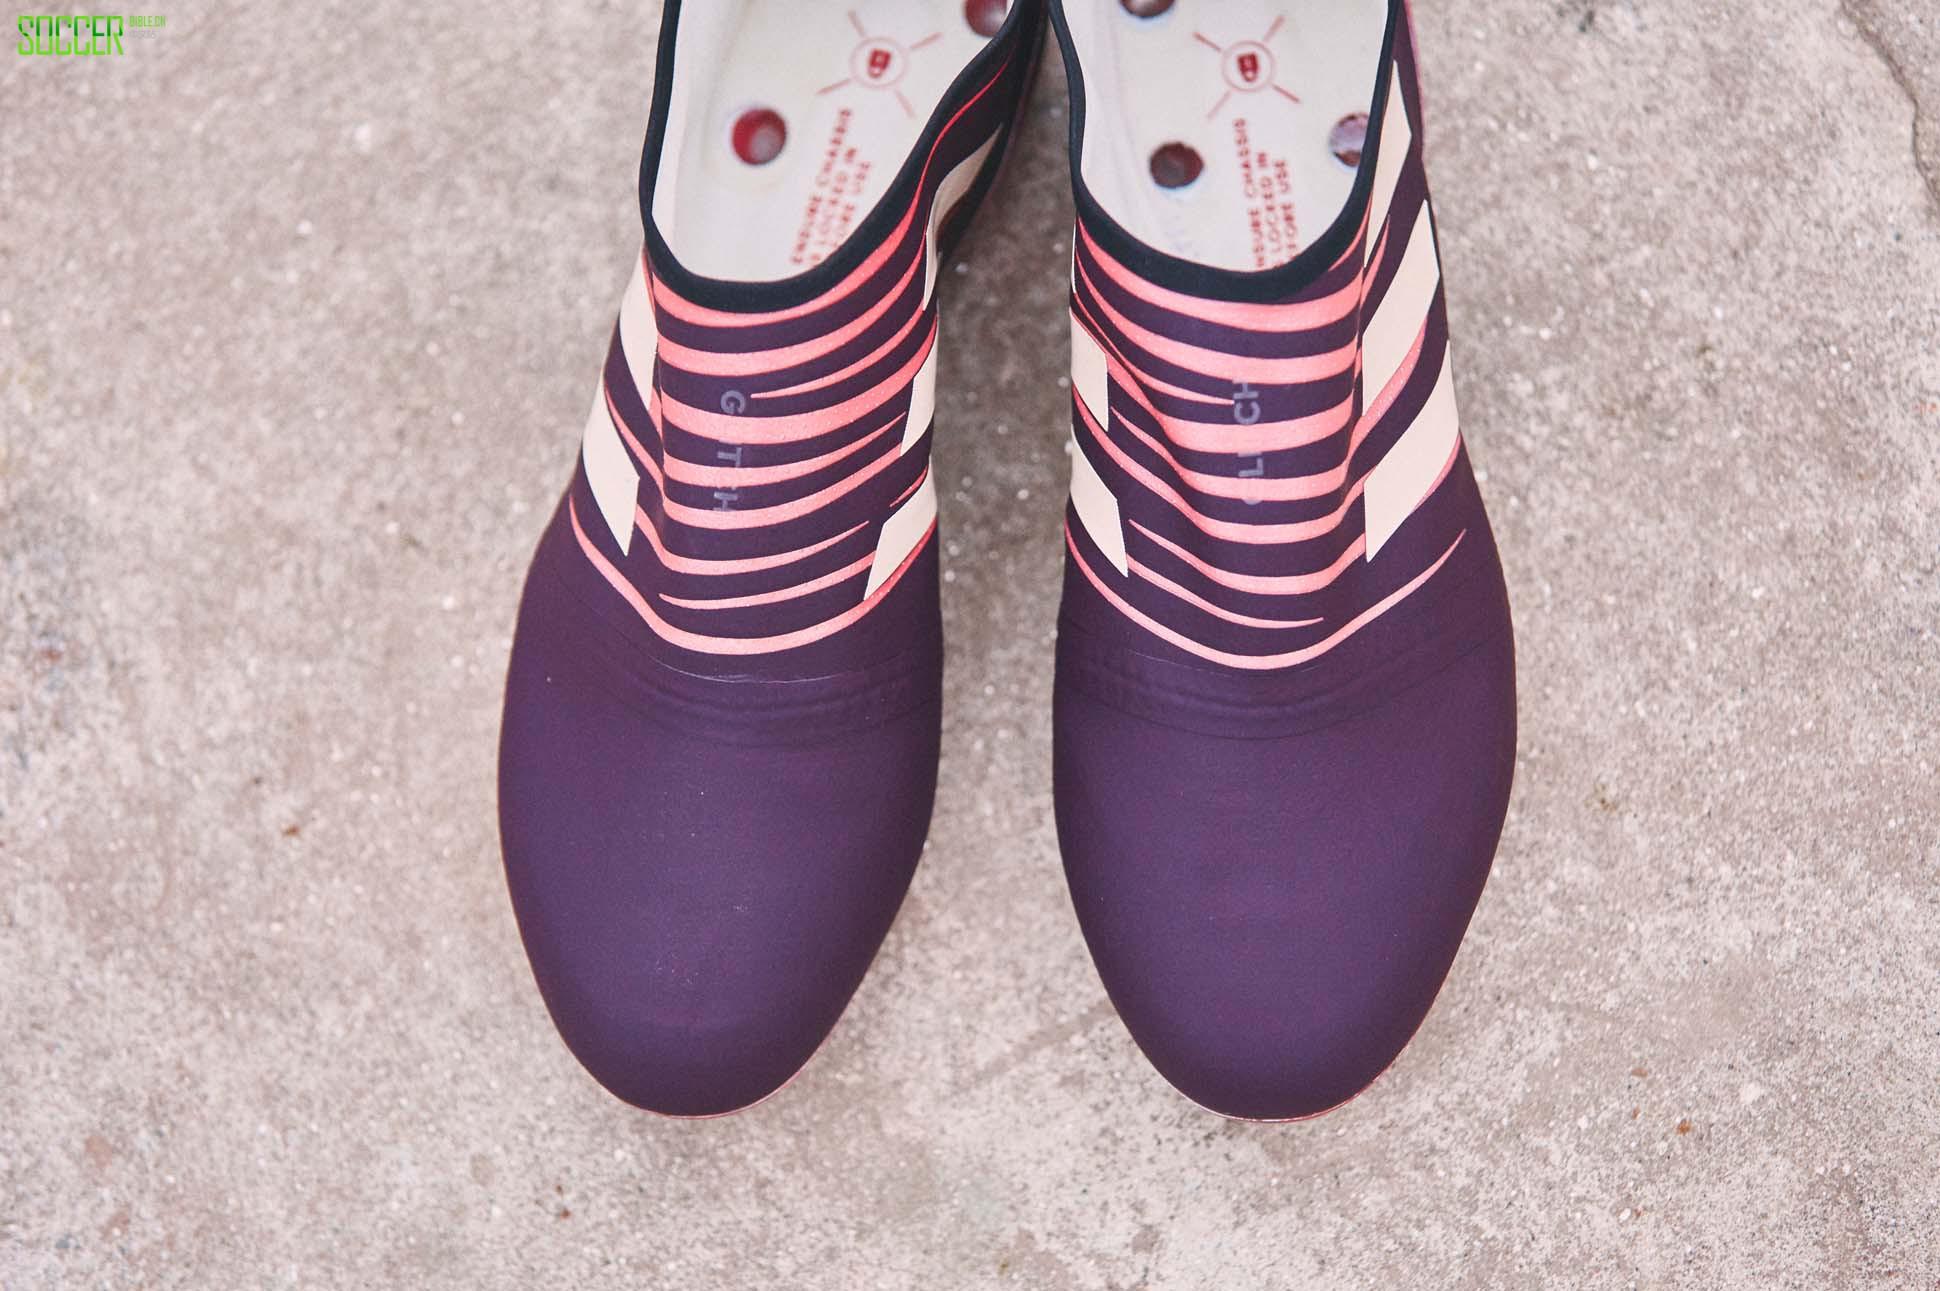 glitch-skin-purple-7